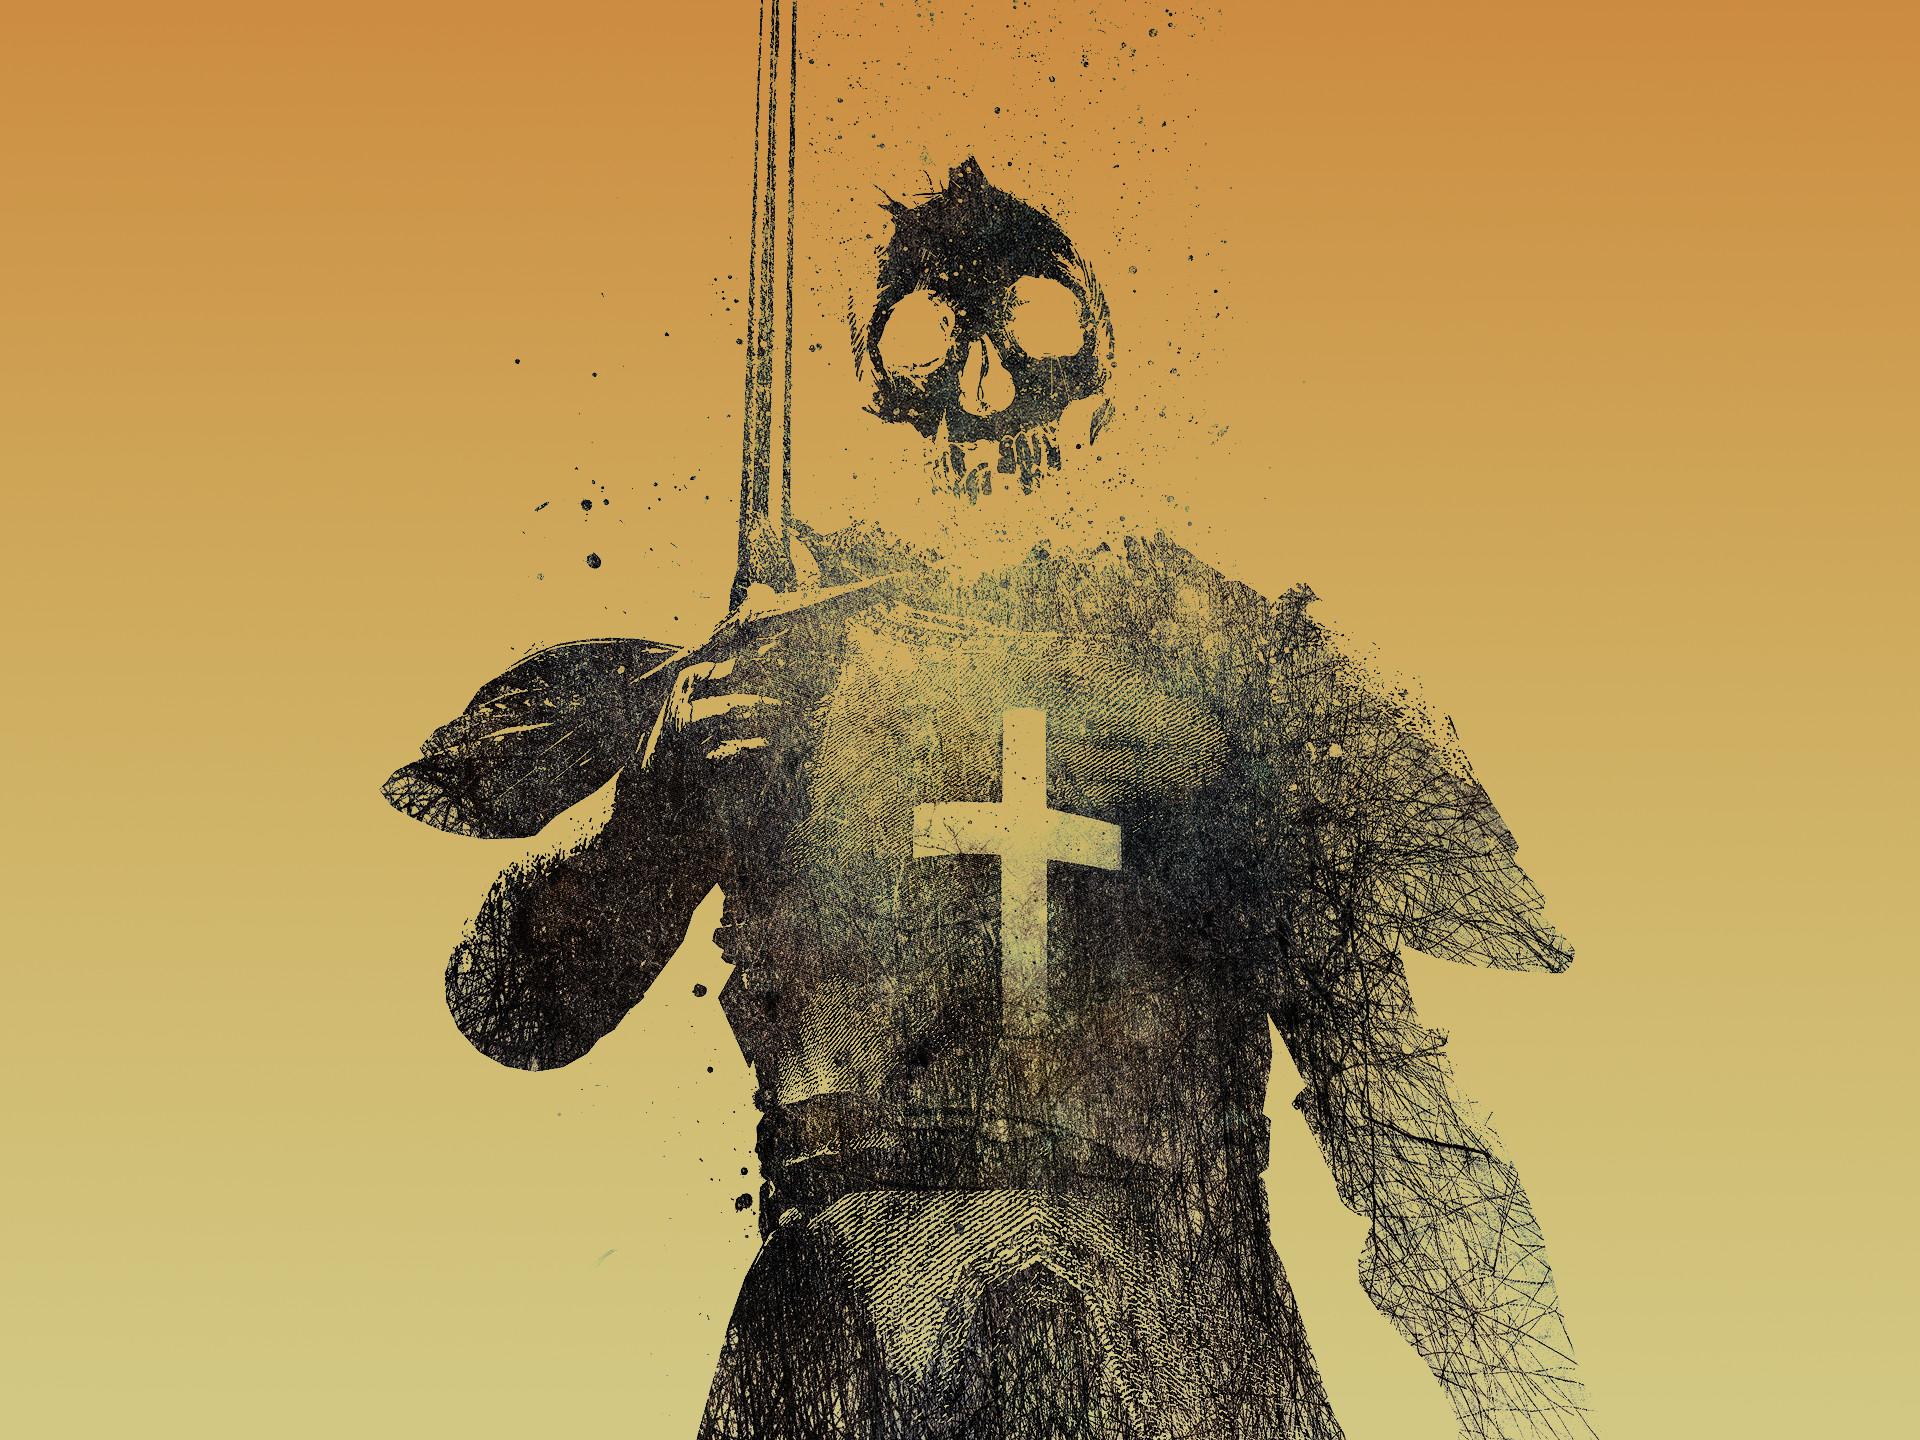 Skulls knights skull and crossbones alex cherry wallpaper